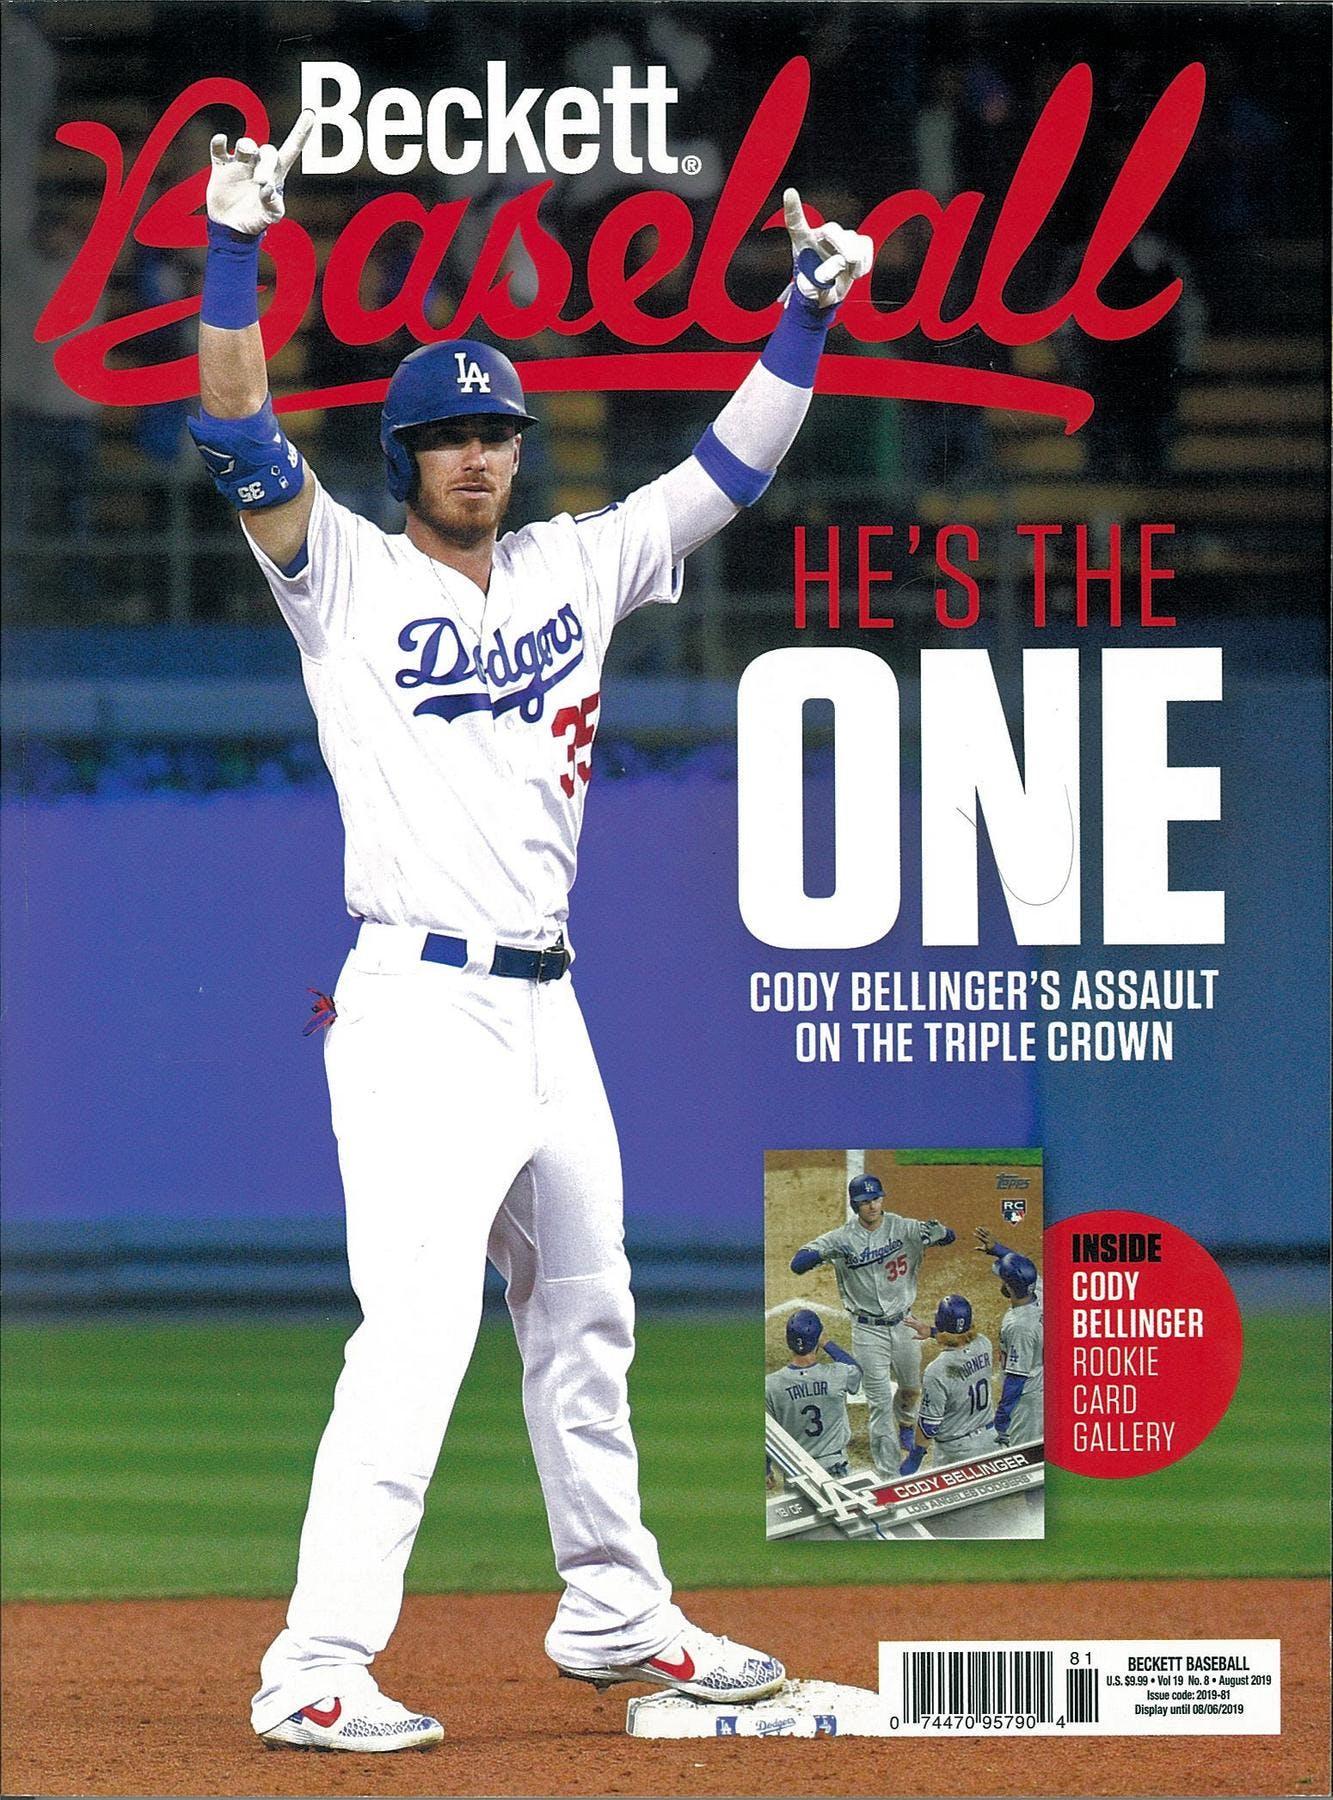 2013 Beckett Baseball Monthly Price Guide 86 May Yu Darvish